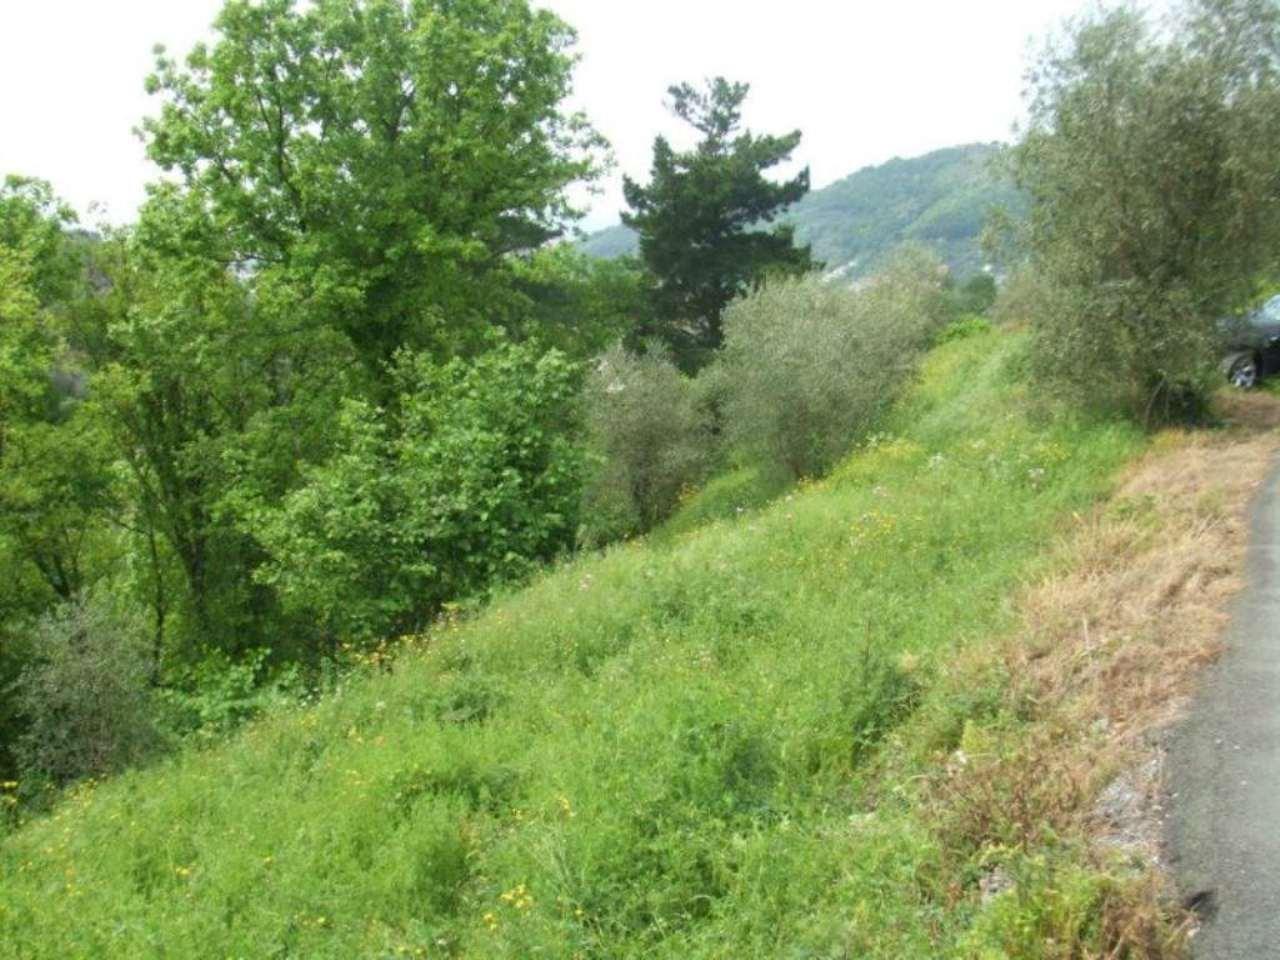 Terreno Edificabile Residenziale in vendita a Cogorno, 9999 locali, prezzo € 185.000 | Cambio Casa.it